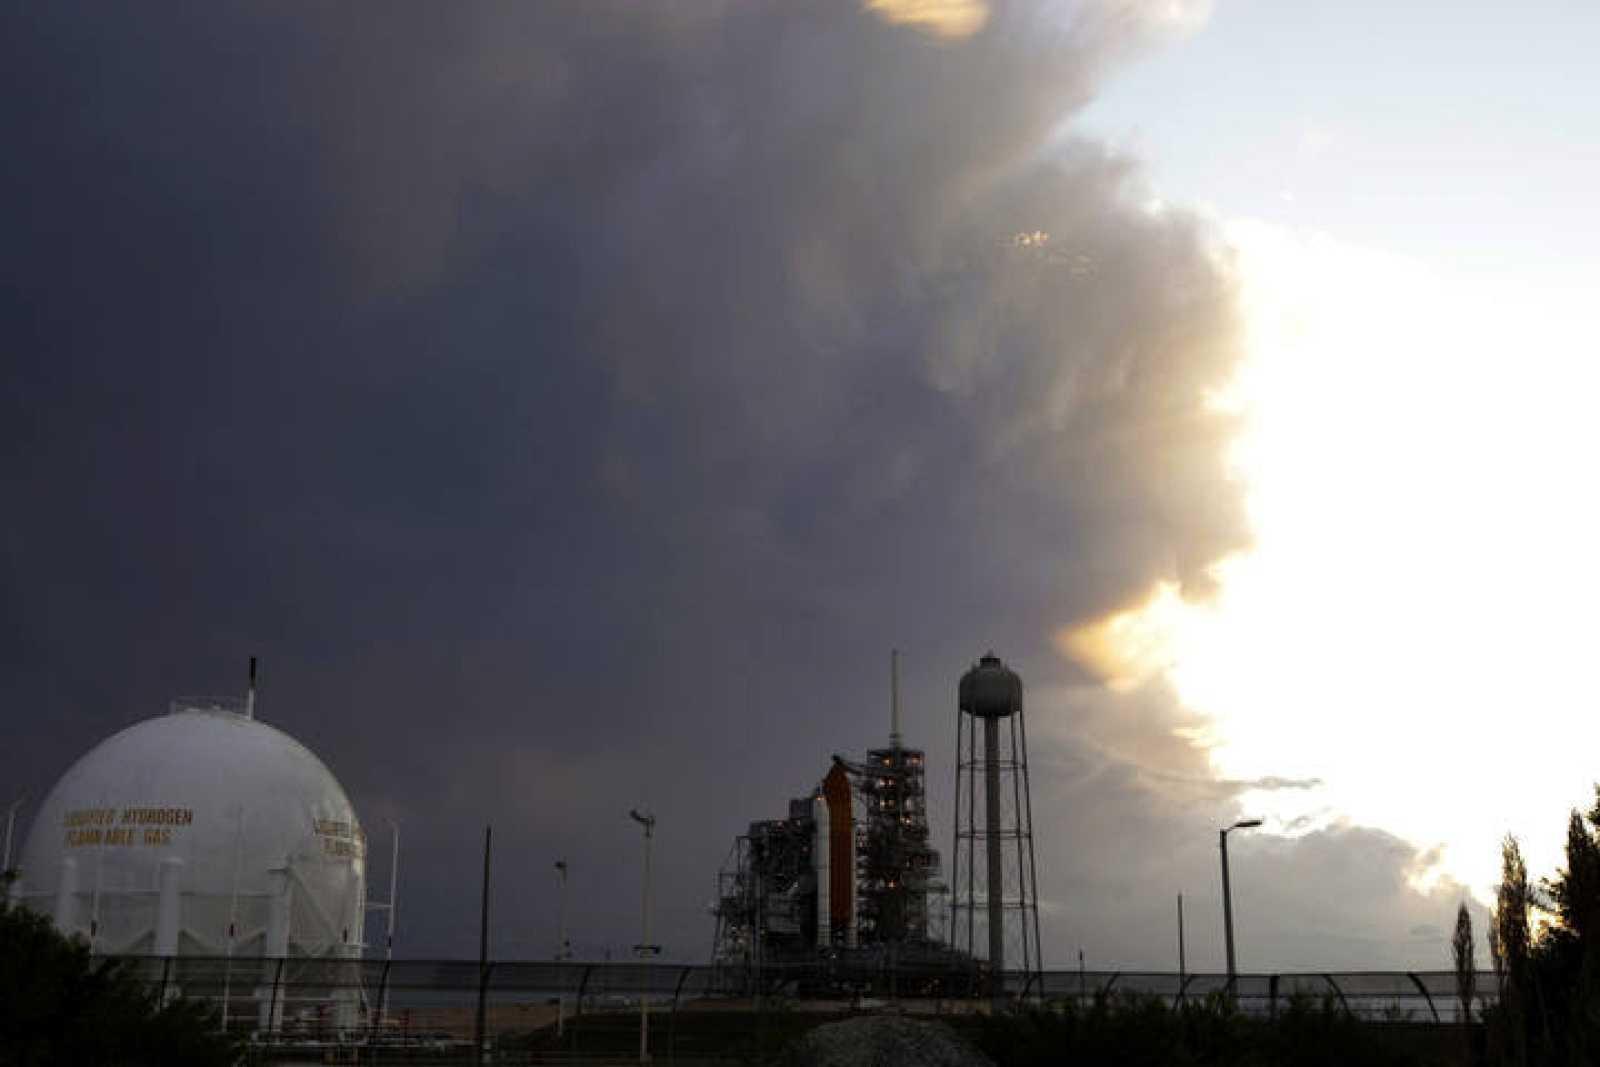 Los meteorólogos de la NASA han calculado que existe un 80% de posibilidades de nubes bajas, por lo que se ha suspendido el despegue previsto en Cabo Cañaveral.